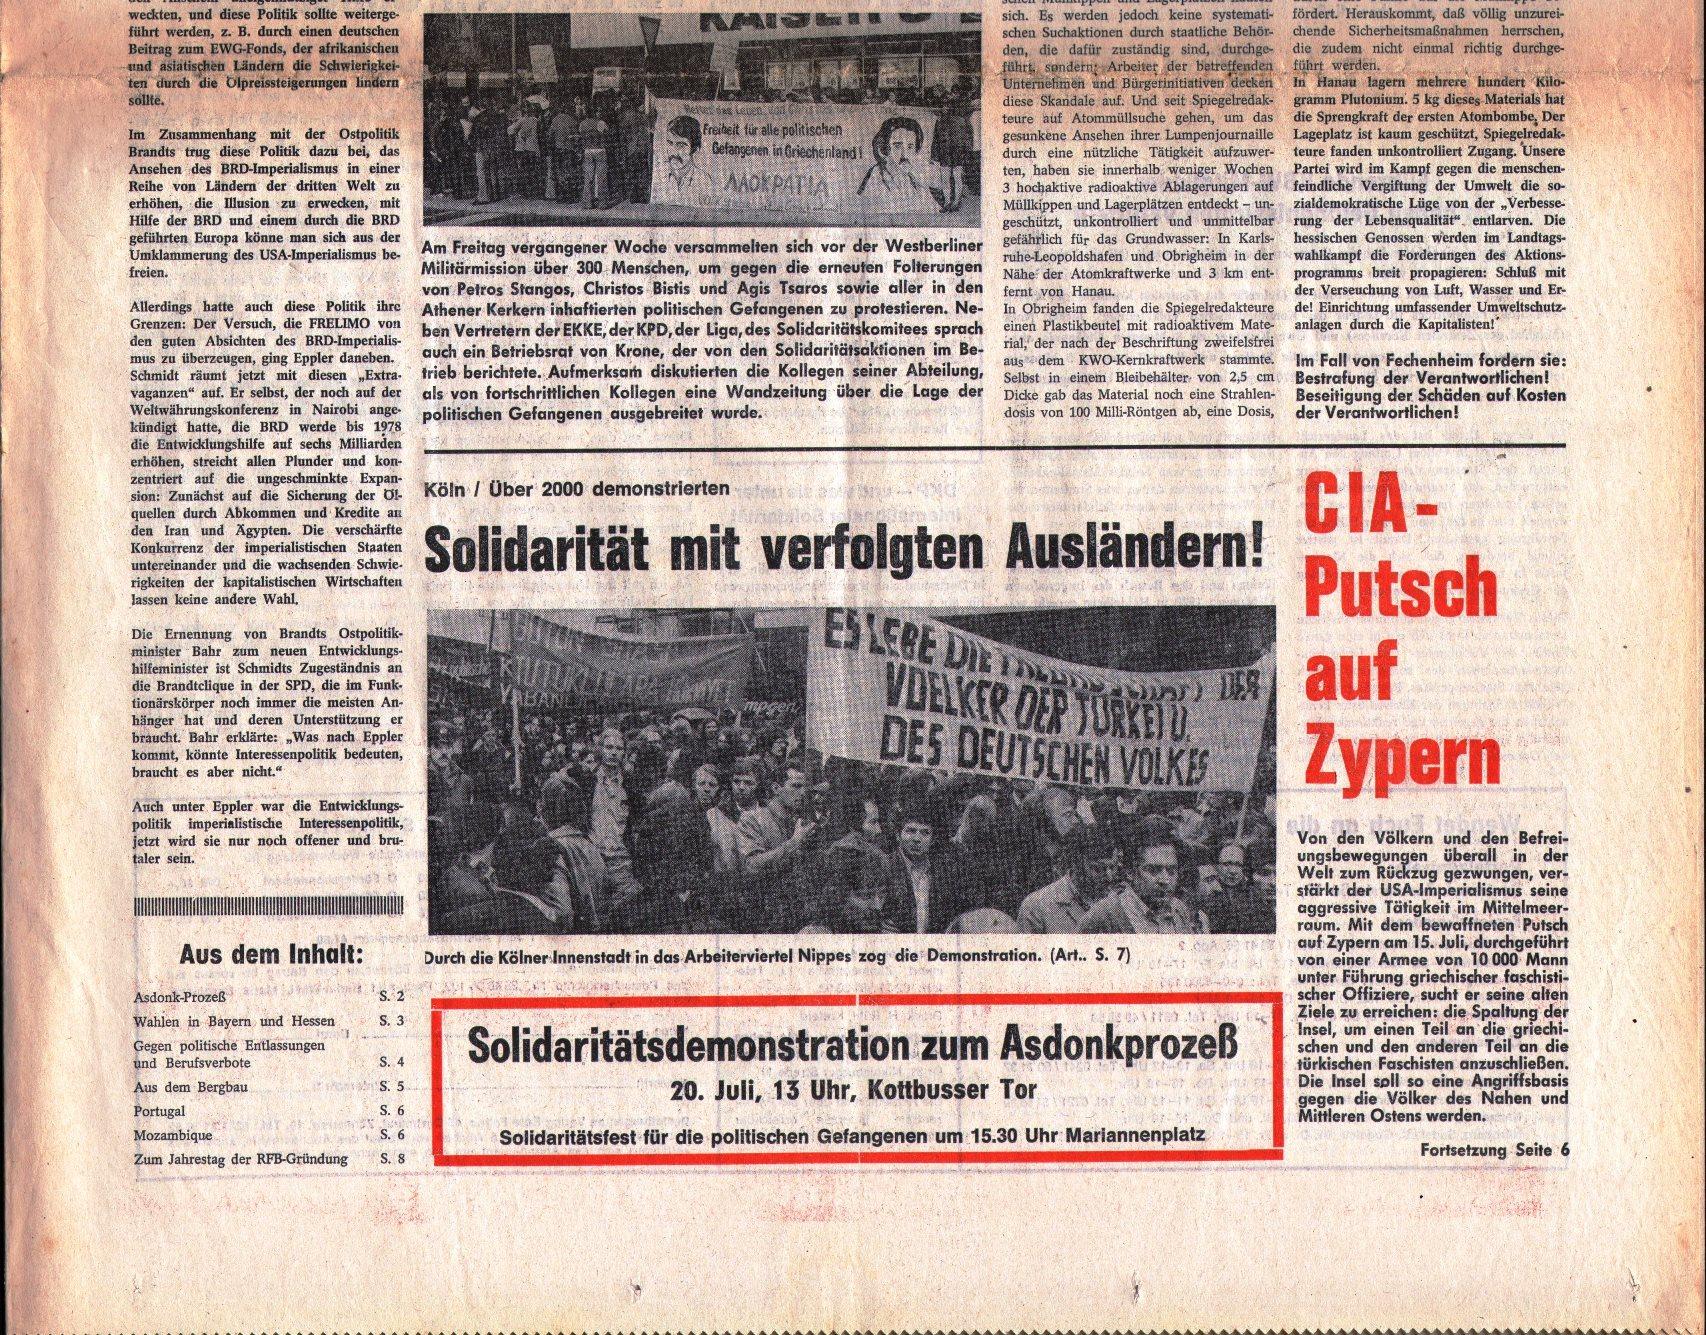 KPD_Rote_Fahne_1974_29_02